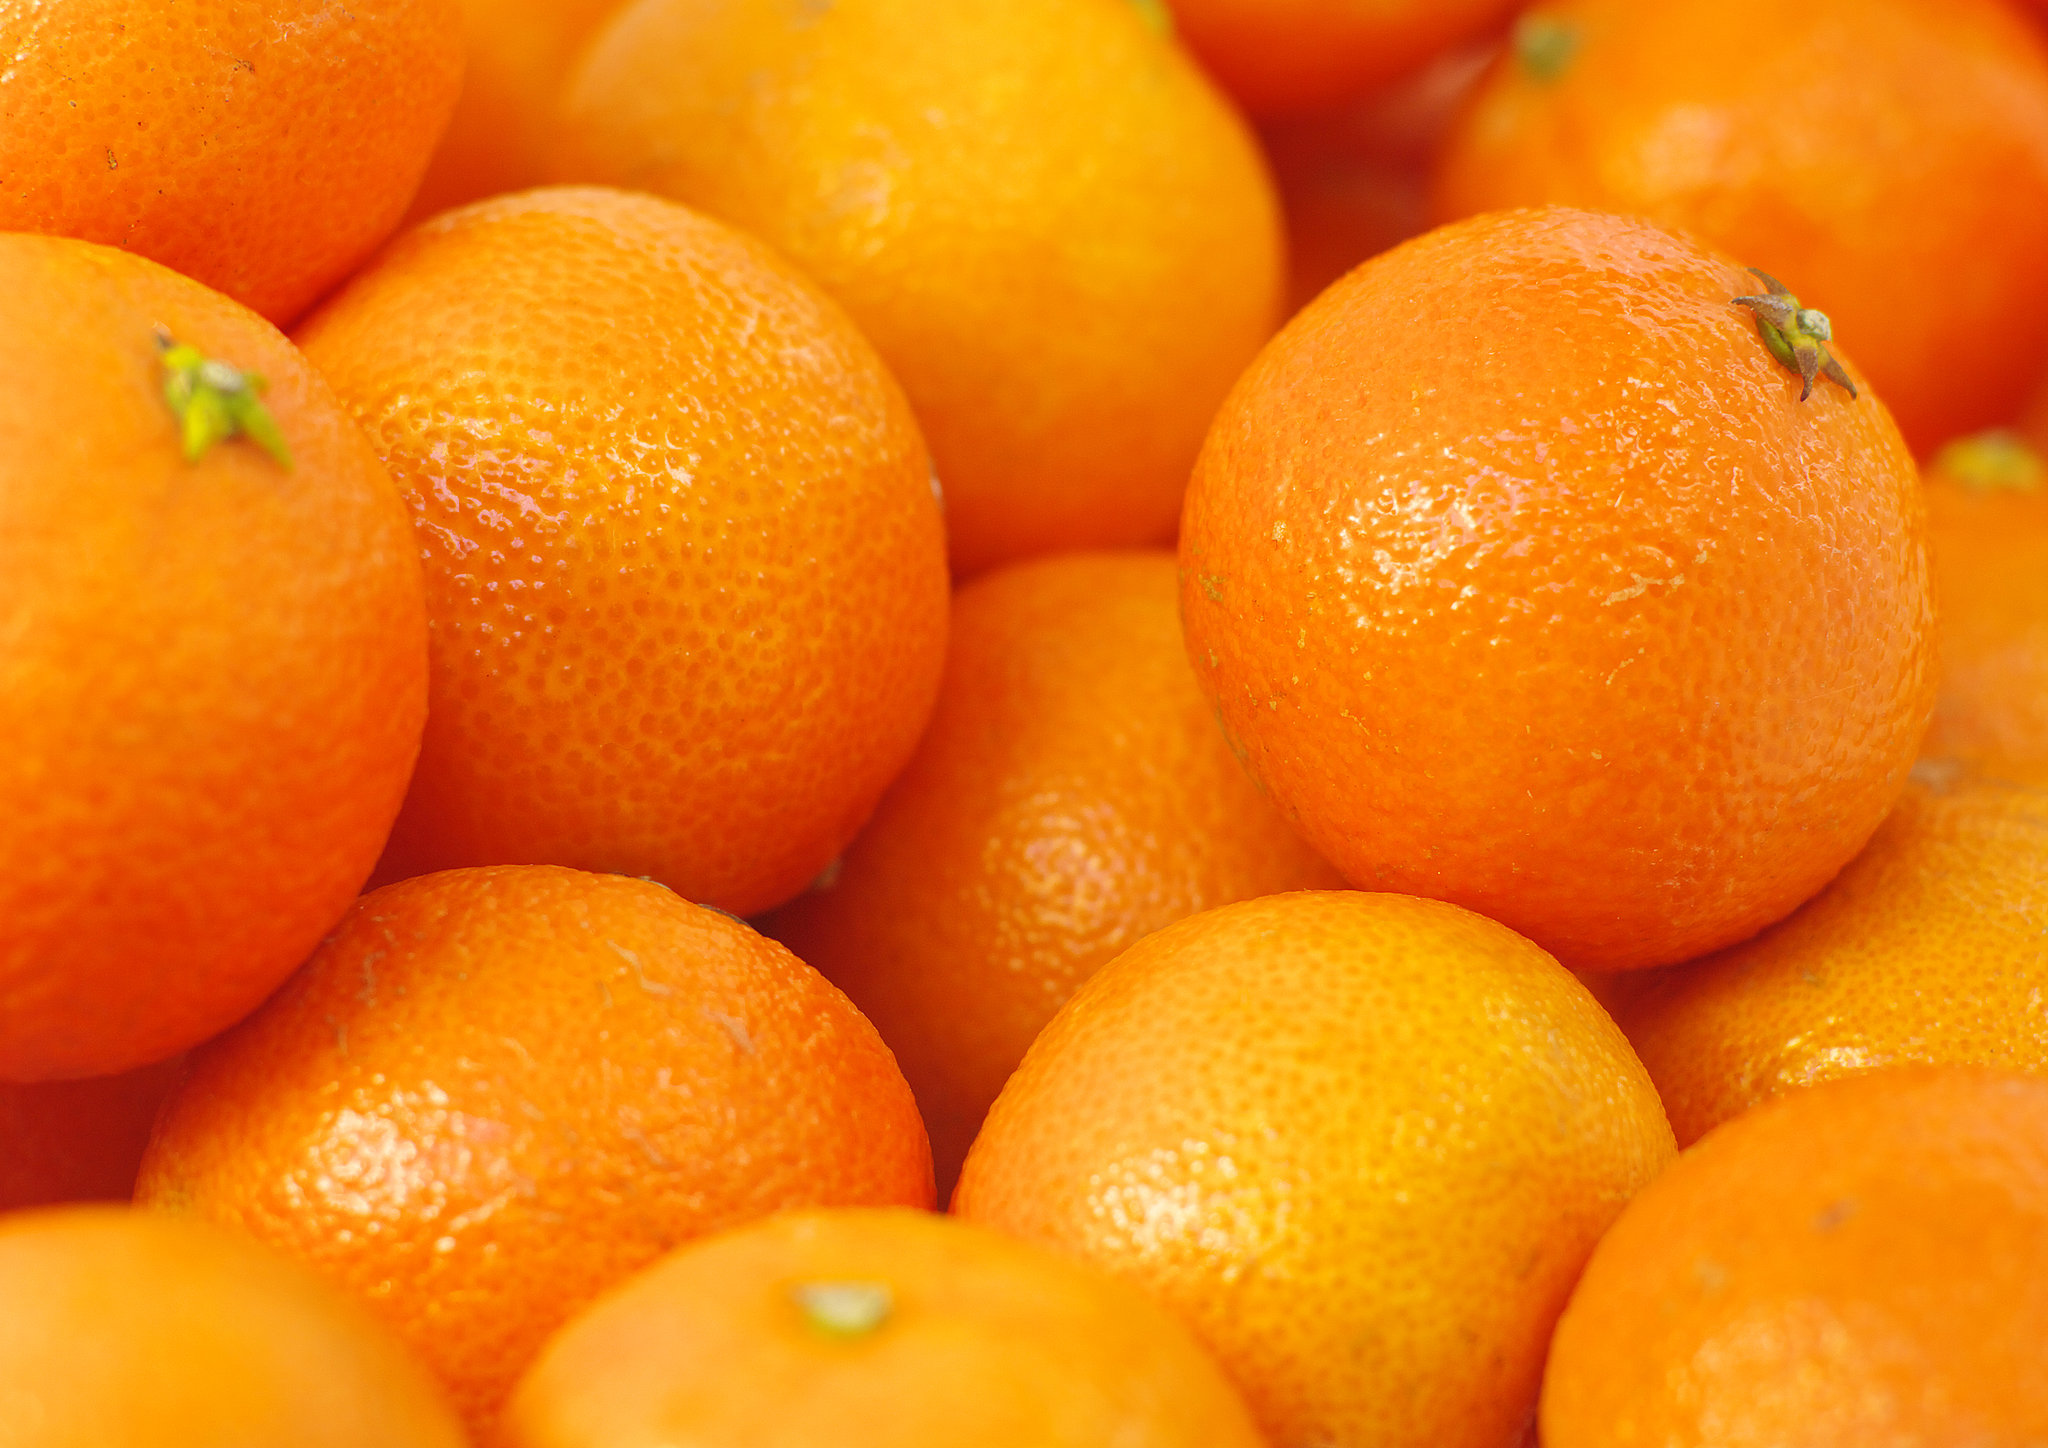 buy orange from kiranaatdoor